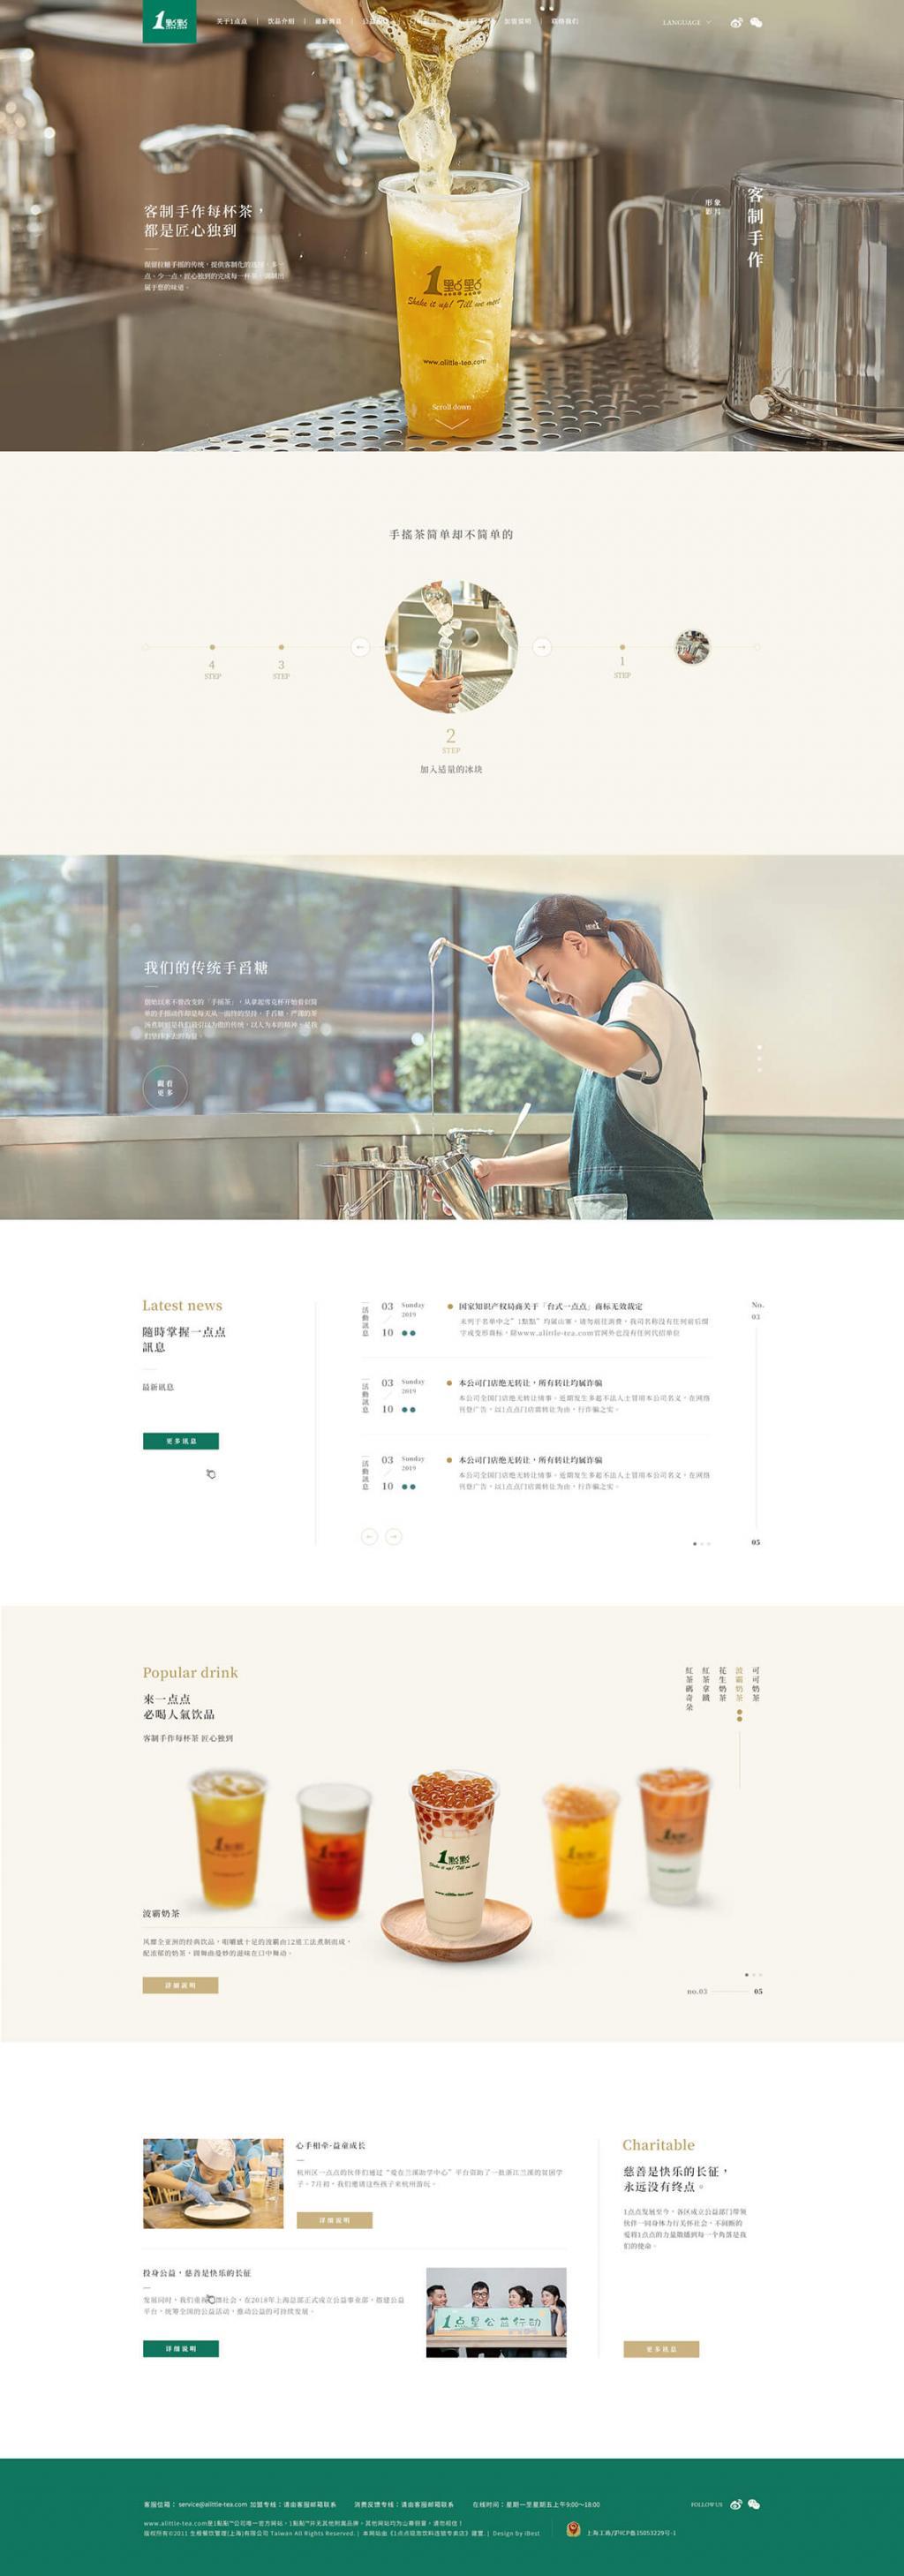 1點點-網頁設計